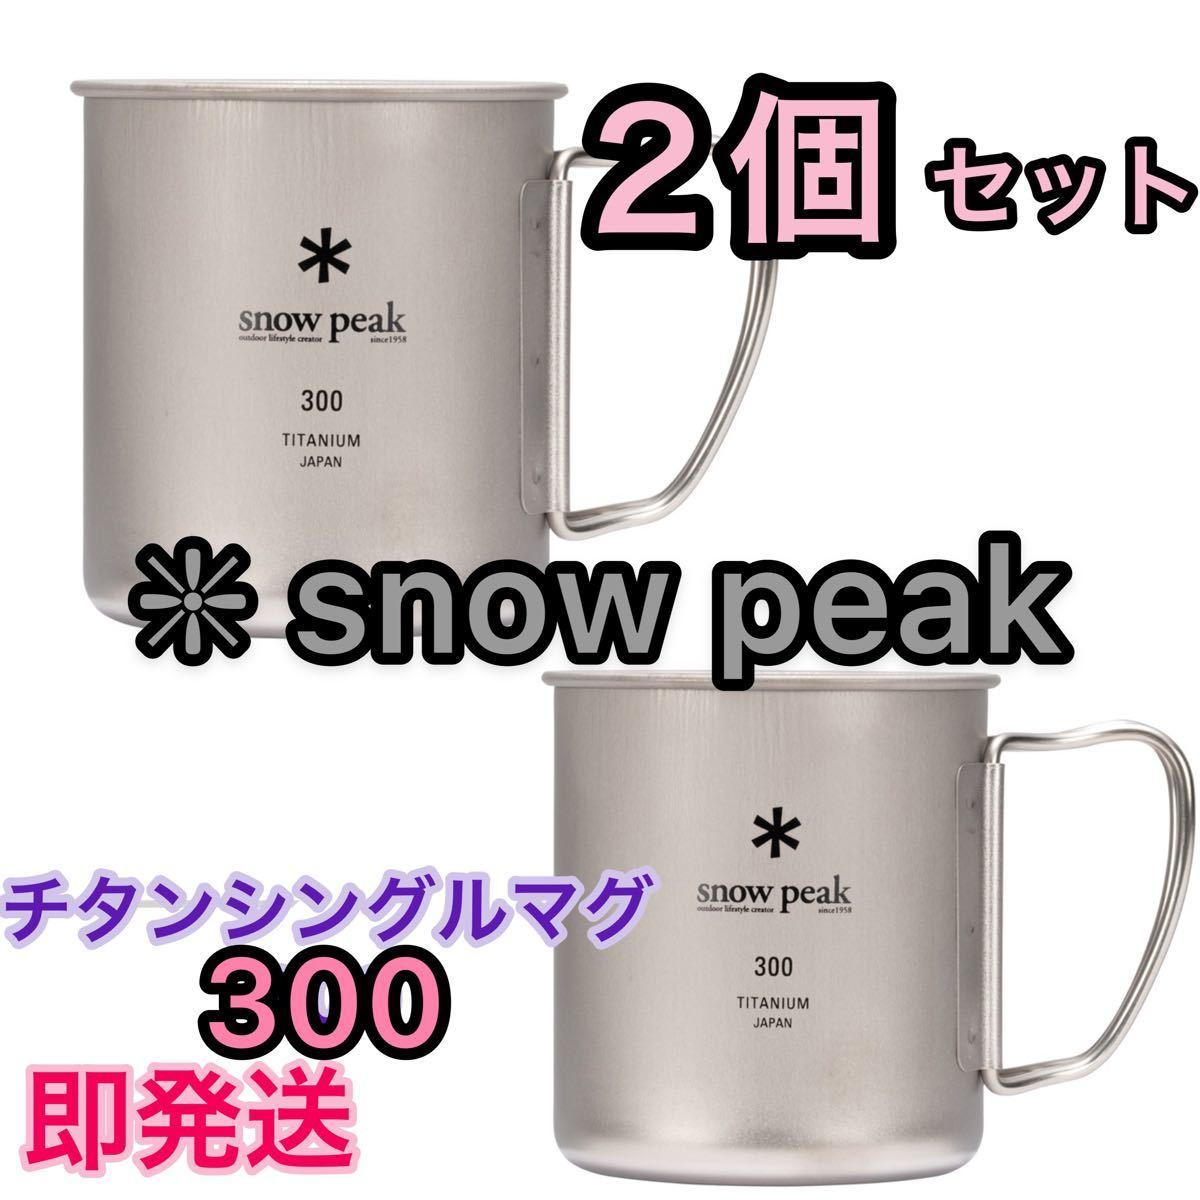 スノーピーク チタンシングルマグ 300  ★2個セット★ MG-142【新品未使用】完売品 snowpeak